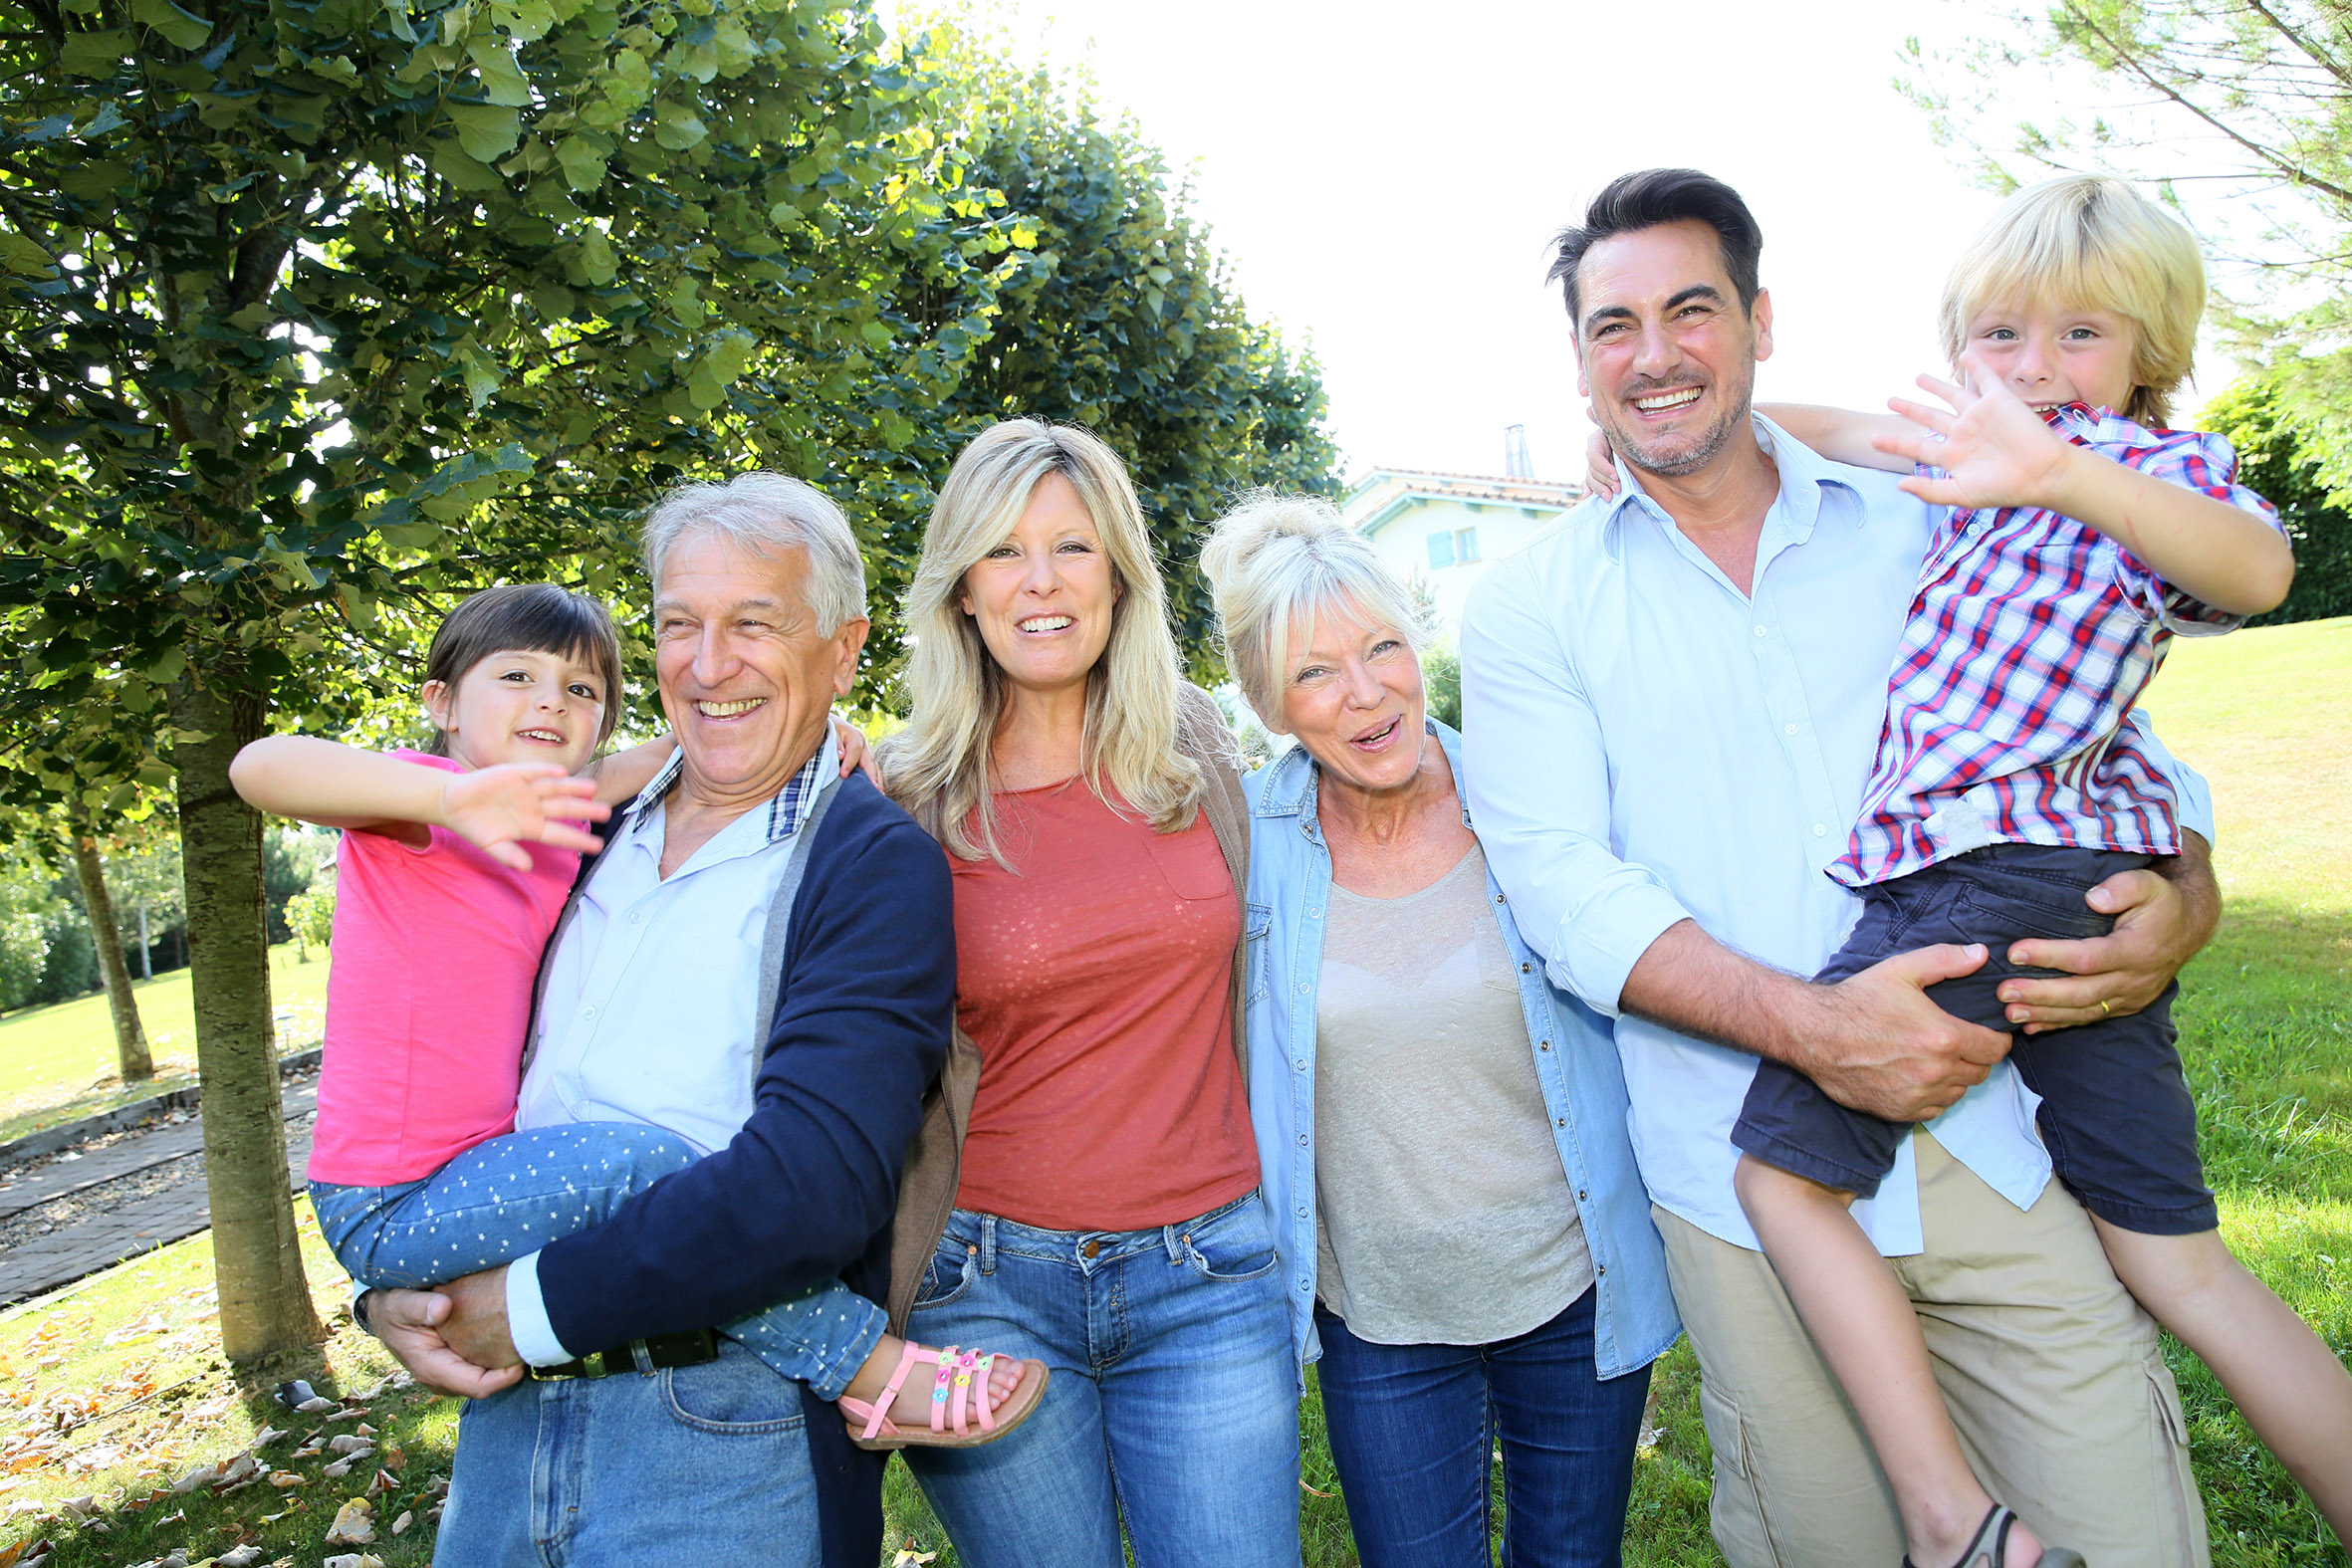 A three-generation family.